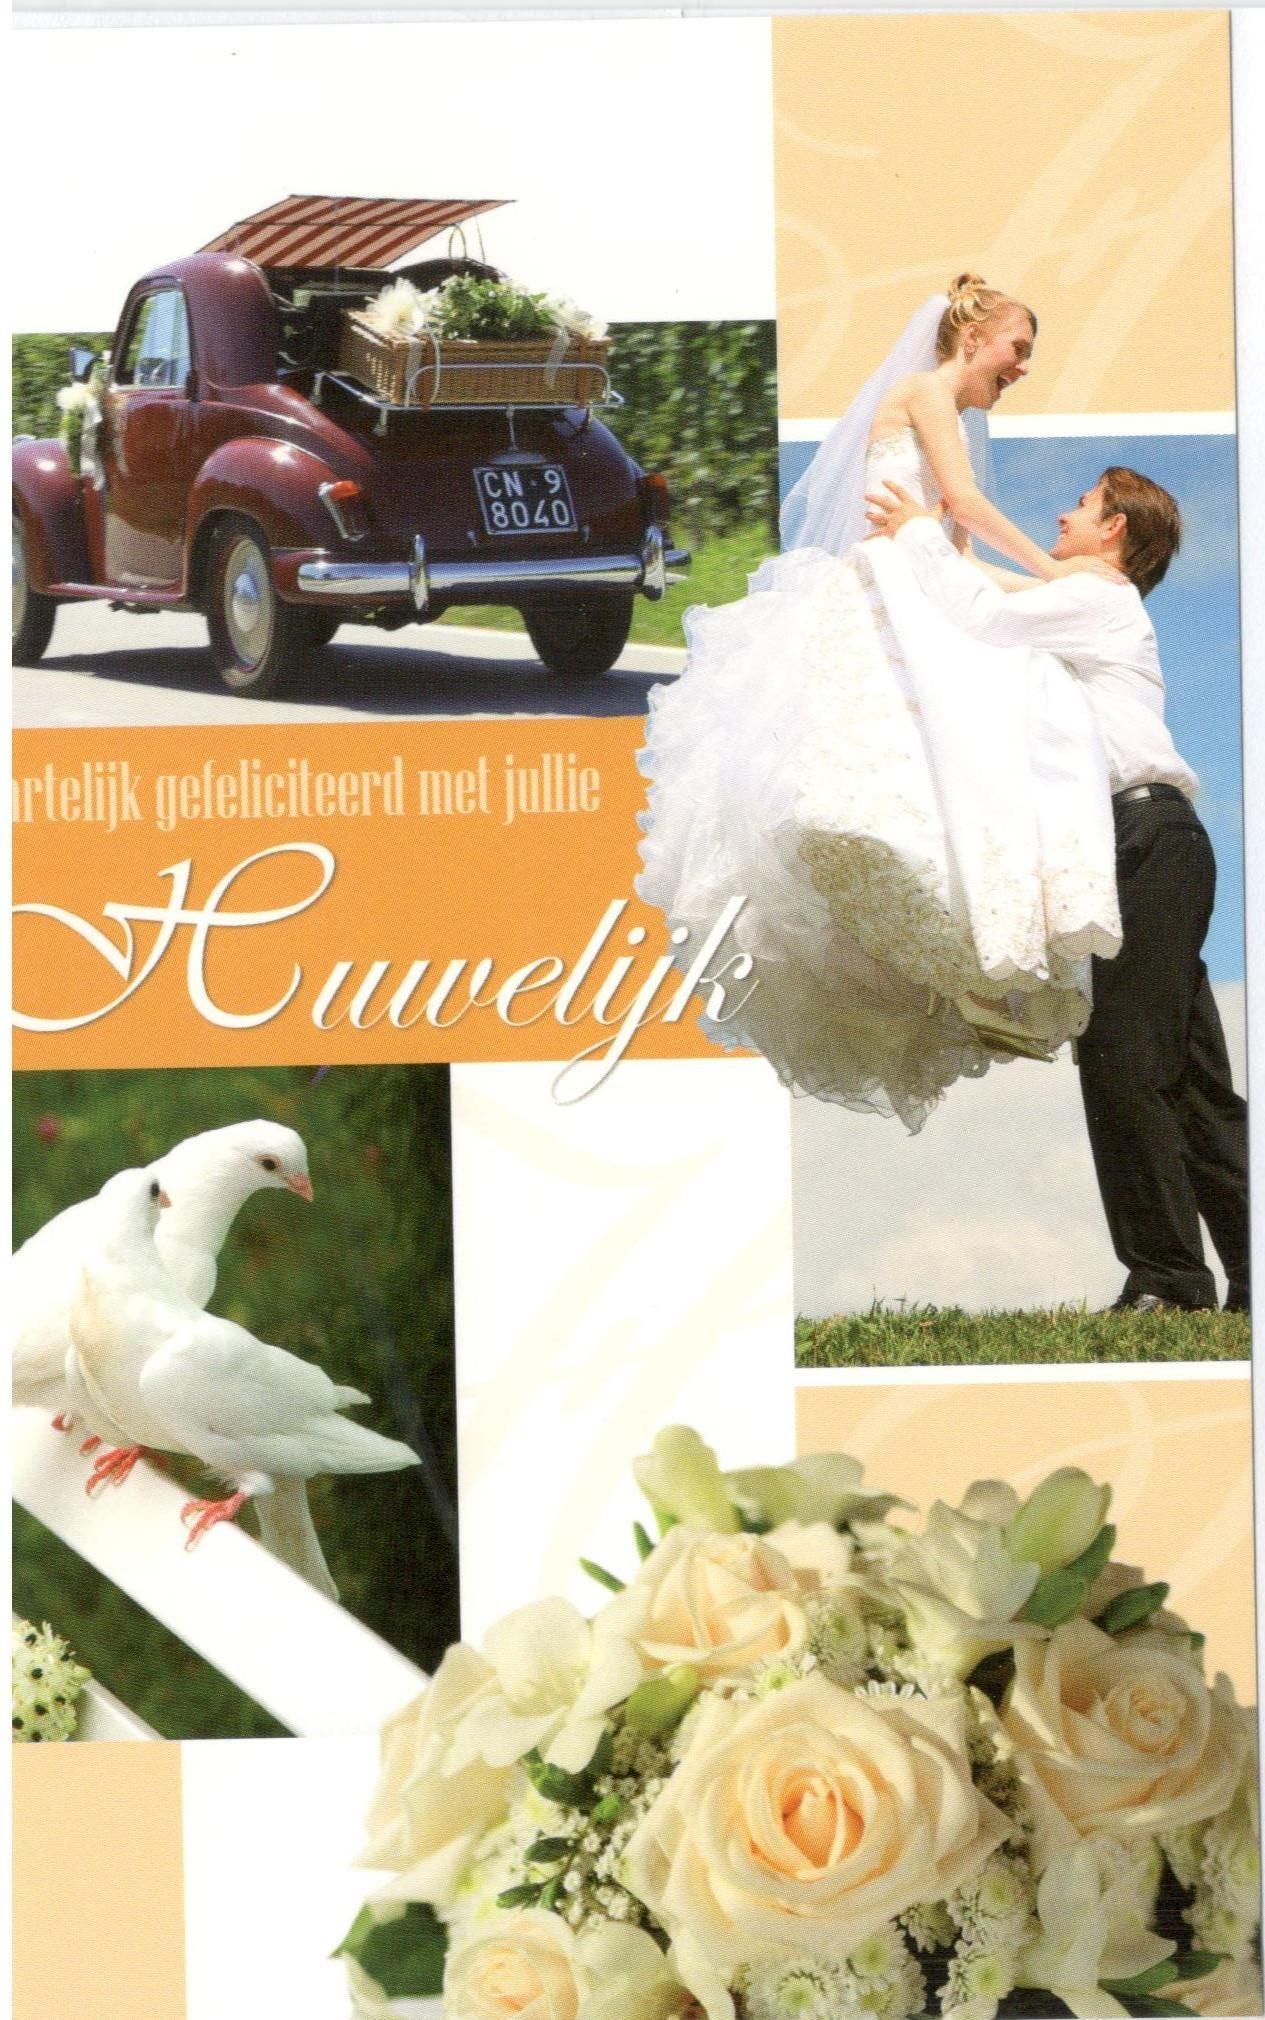 Felicitatiekaart voor een huwelijk